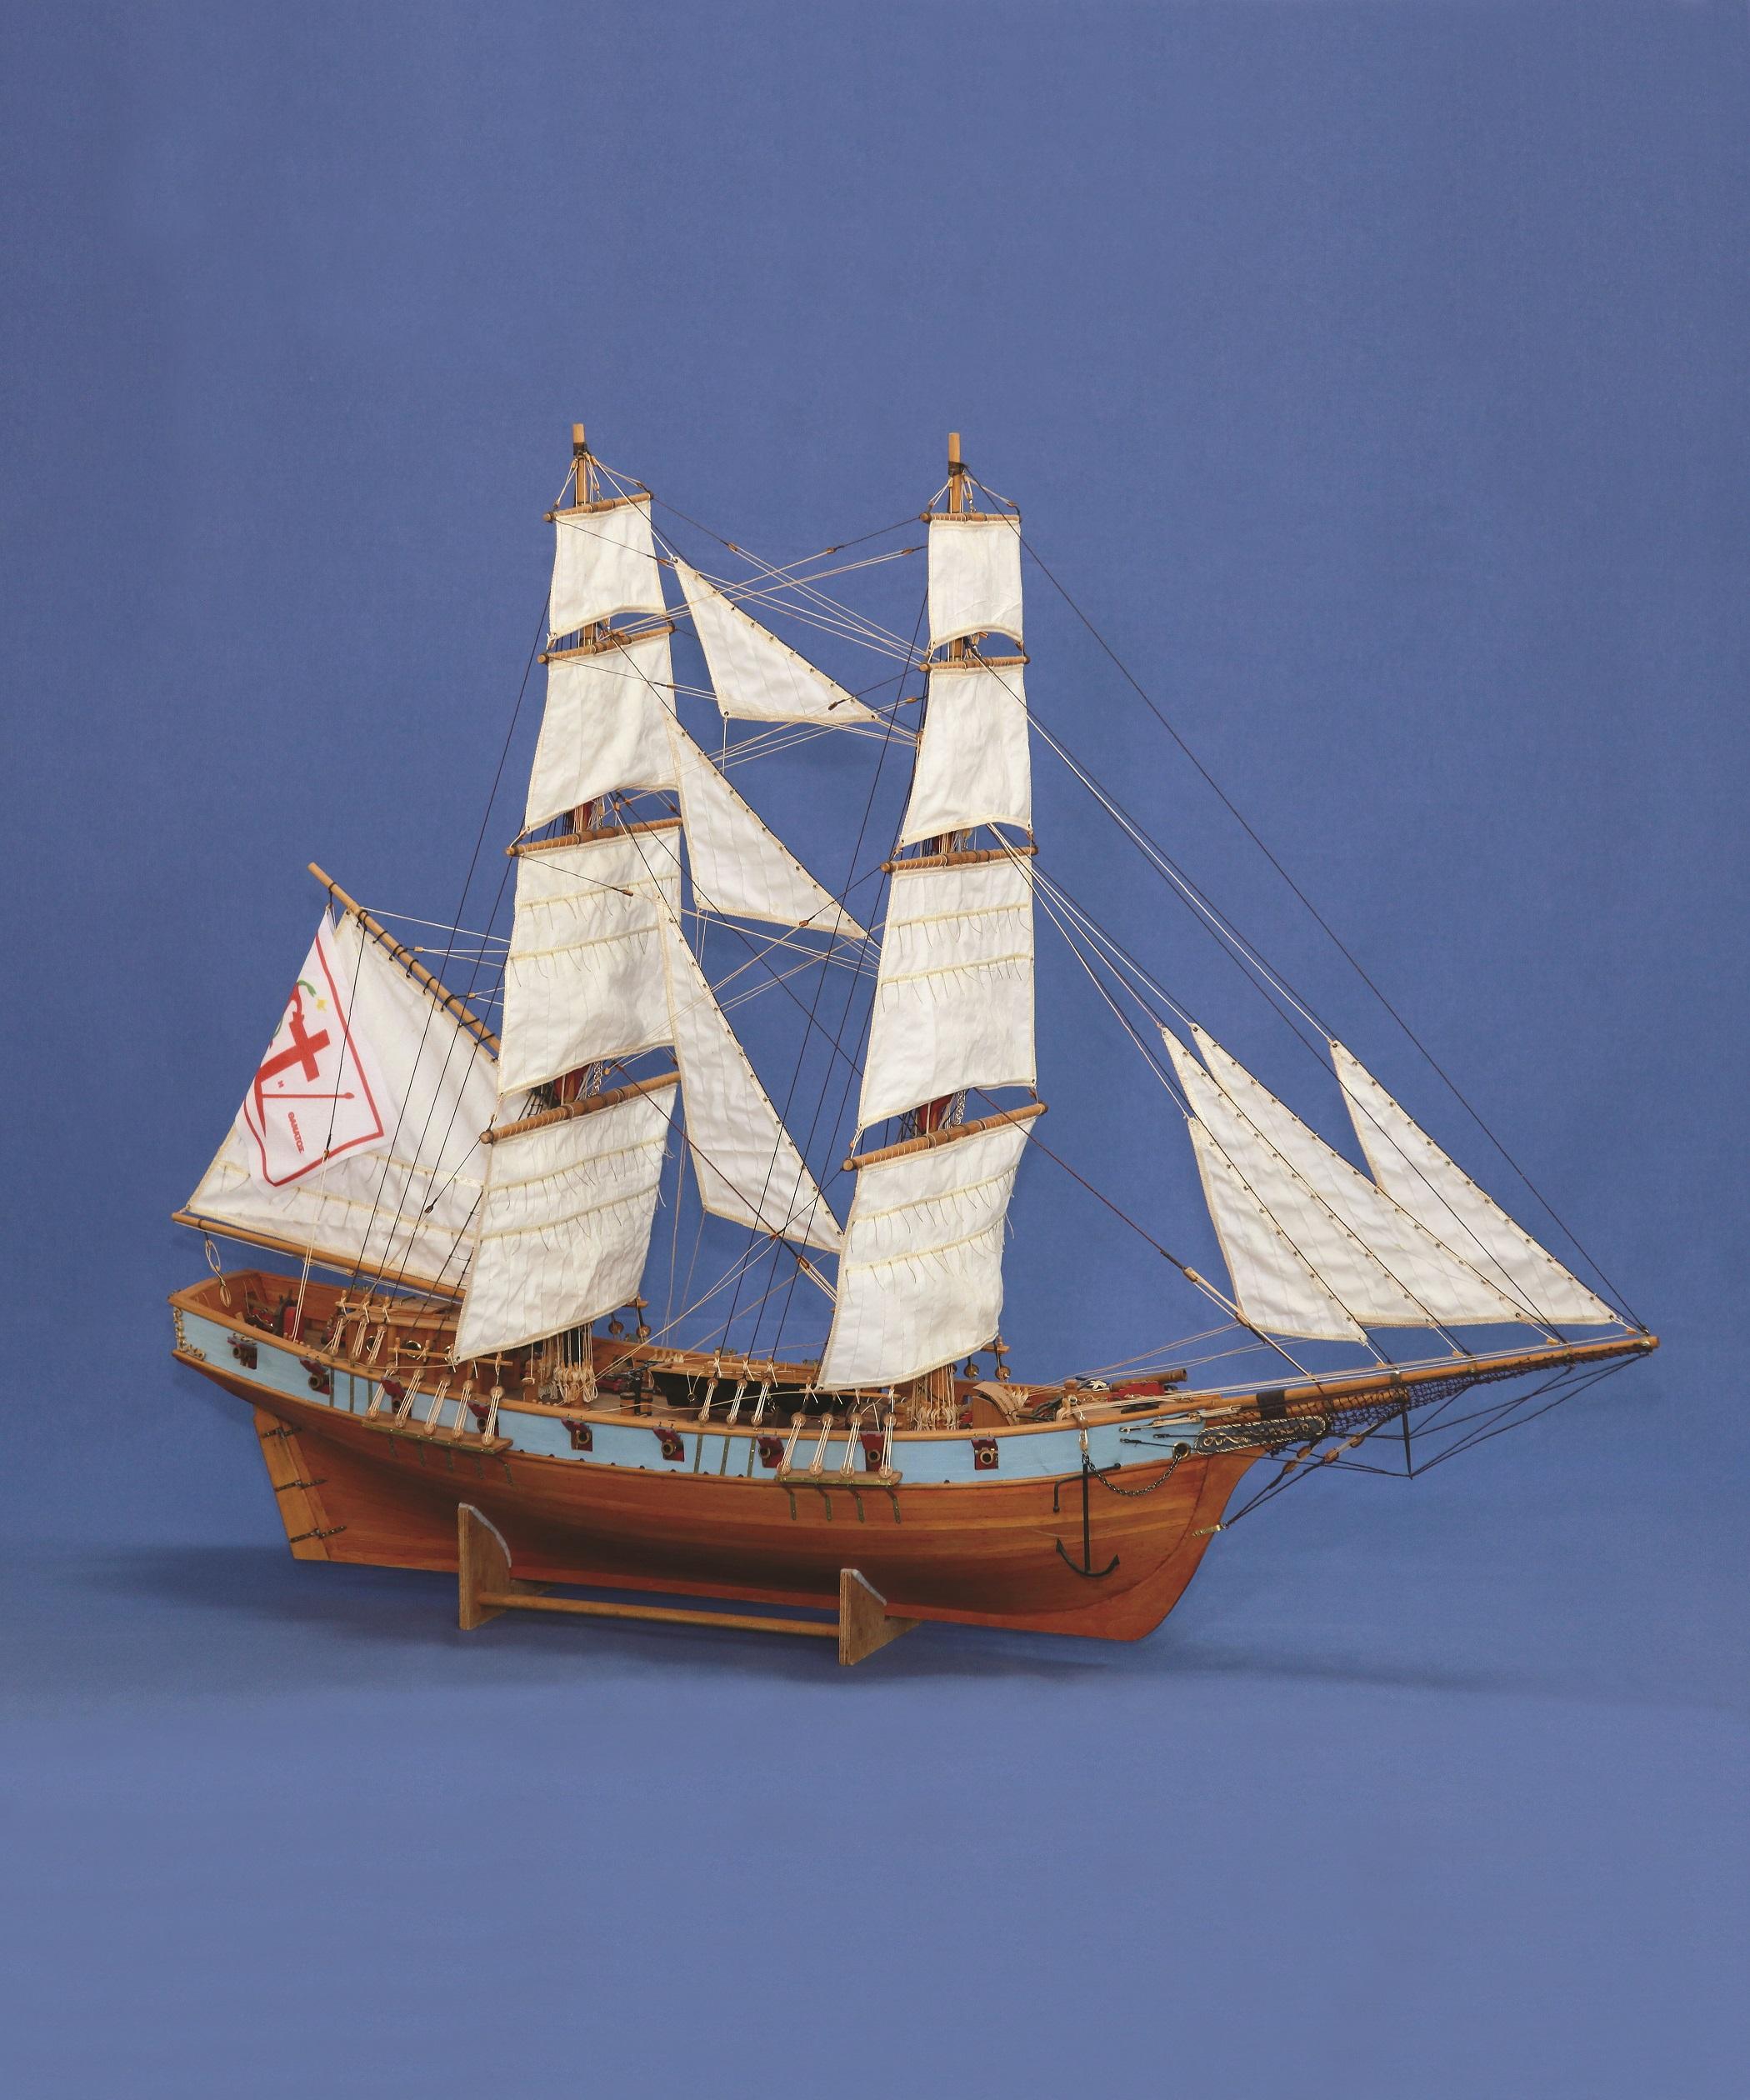 Μπρίκι: ναυπηγείται πρώτη φορά στην Ύδρα τον 18ο αιώνα. Οι δυο πολύ ψηλοί ιστοί με τα σταυρωτά πανιά, του προσέφεραν μεγάλη ταχύτητα. Στις αρχές του 19ου αιώνα το μπρίκι γίνεται το πιο διαδεδομένο σκαρί του Αιγαίου, το οποίο θα πρωταγωνιστήσει λίγο μετά στο ναυτικό Αγώνα των Ελλήνων κατά την Επανάσταση του 1821